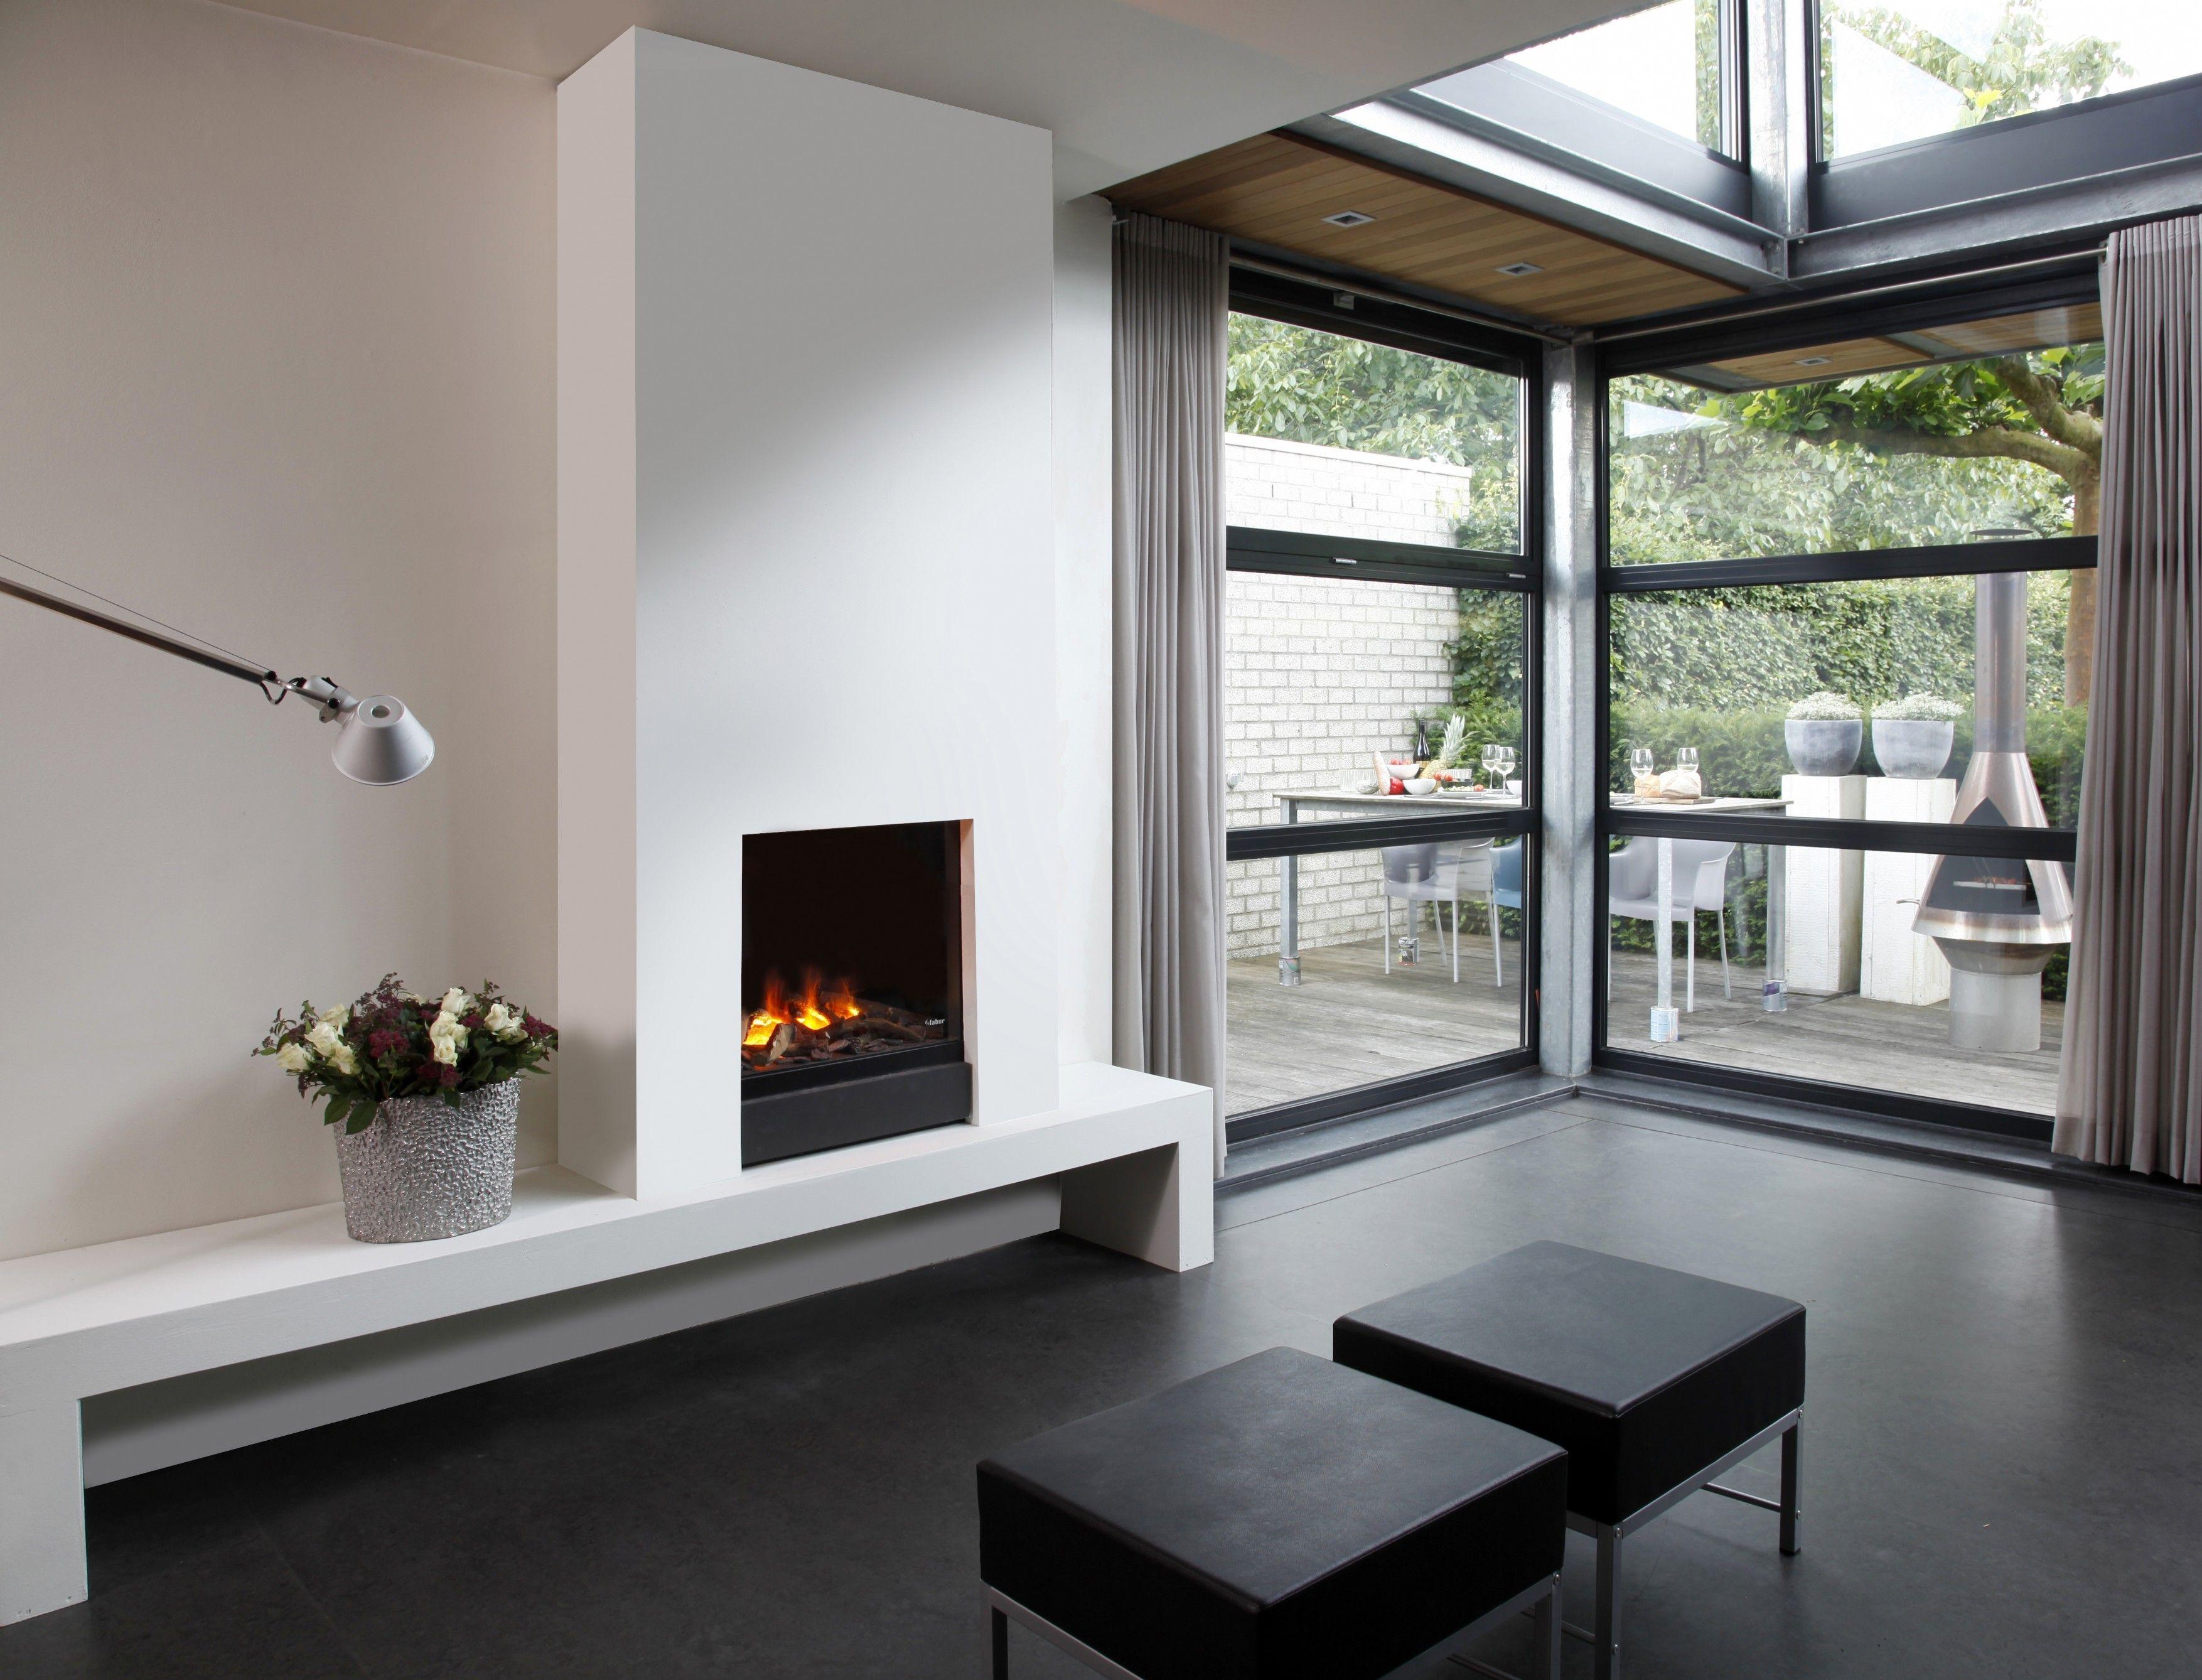 Wohnzimmer des modernen interieurs des hauses frameless inbouwhaard  interieur  pinterest